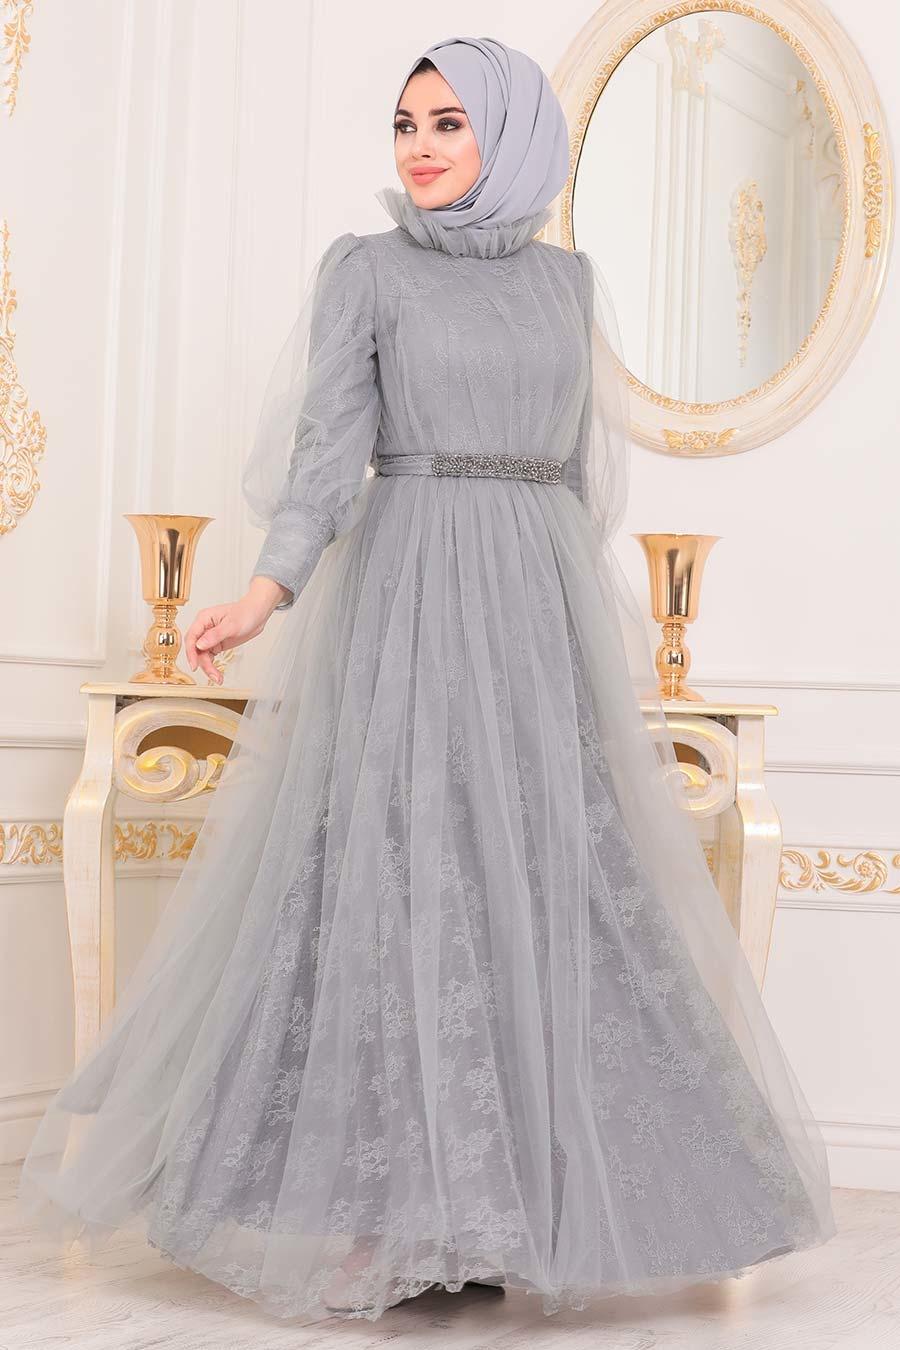 Tesettürlü Abiye Elbise - Dantel İşlemeli Gri Tesettür Abiye Elbise 40440GR